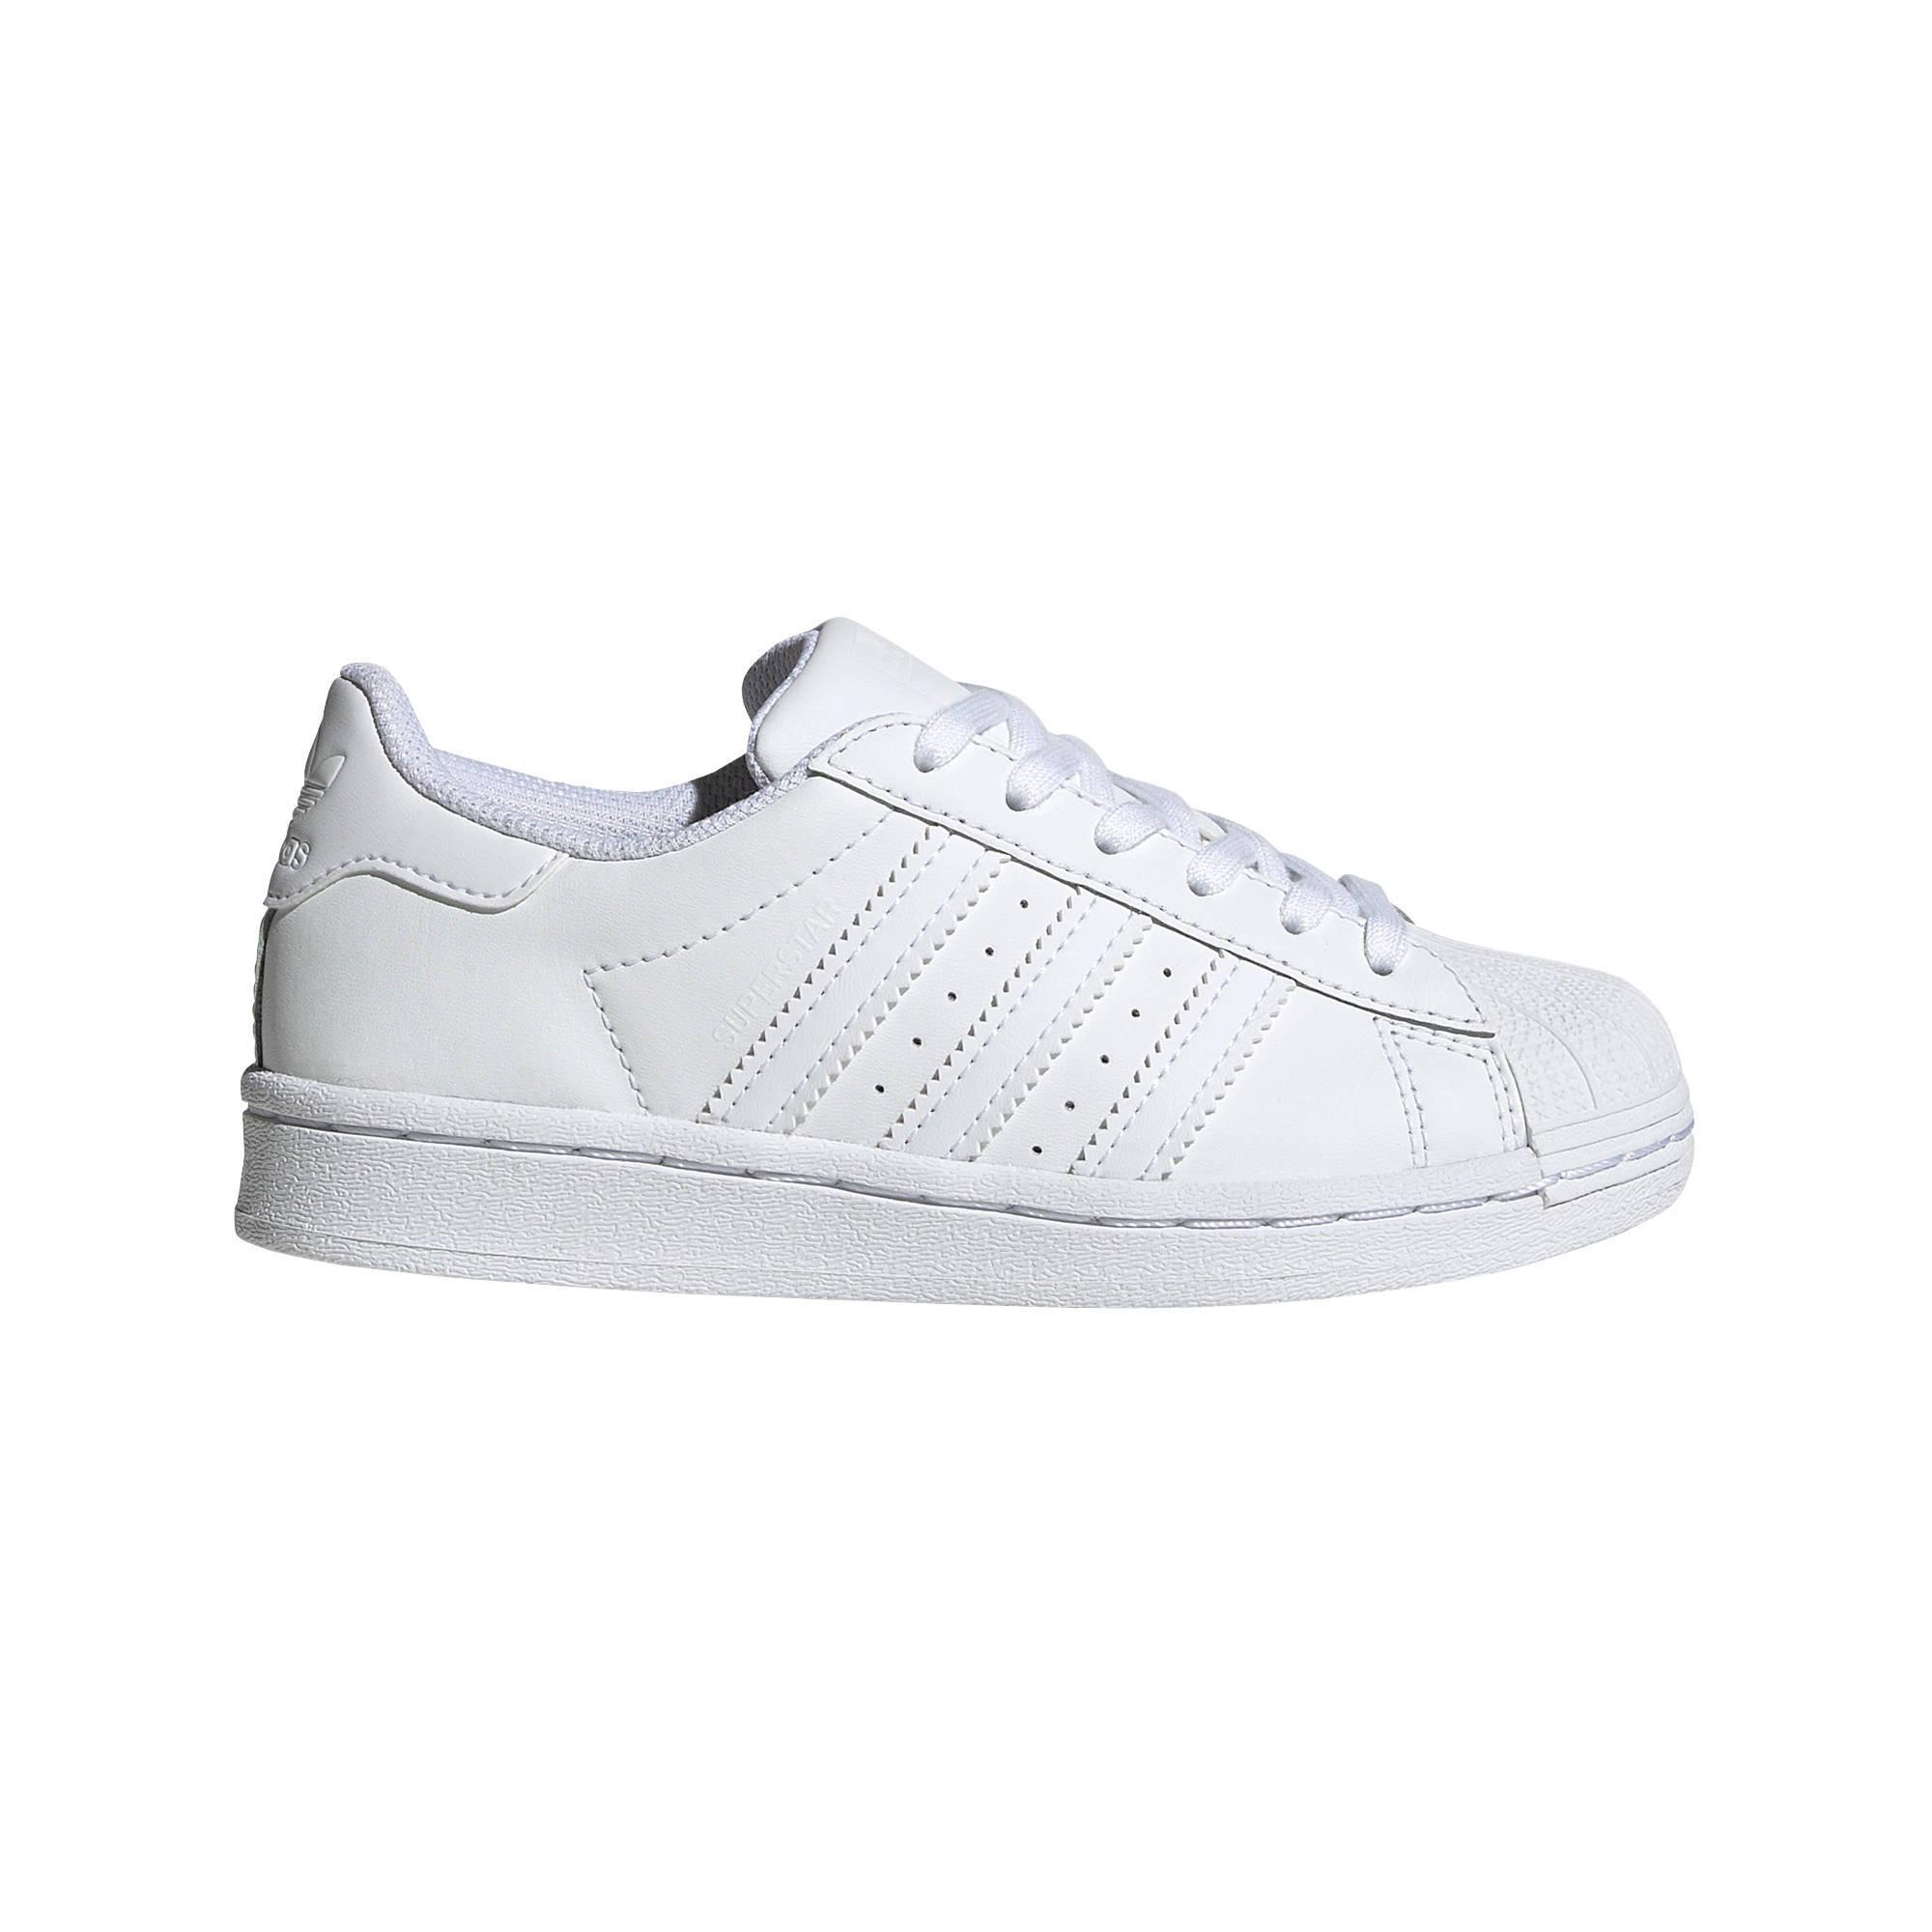 adidas Originals Superstar CF C sneakers wit   wehkamp